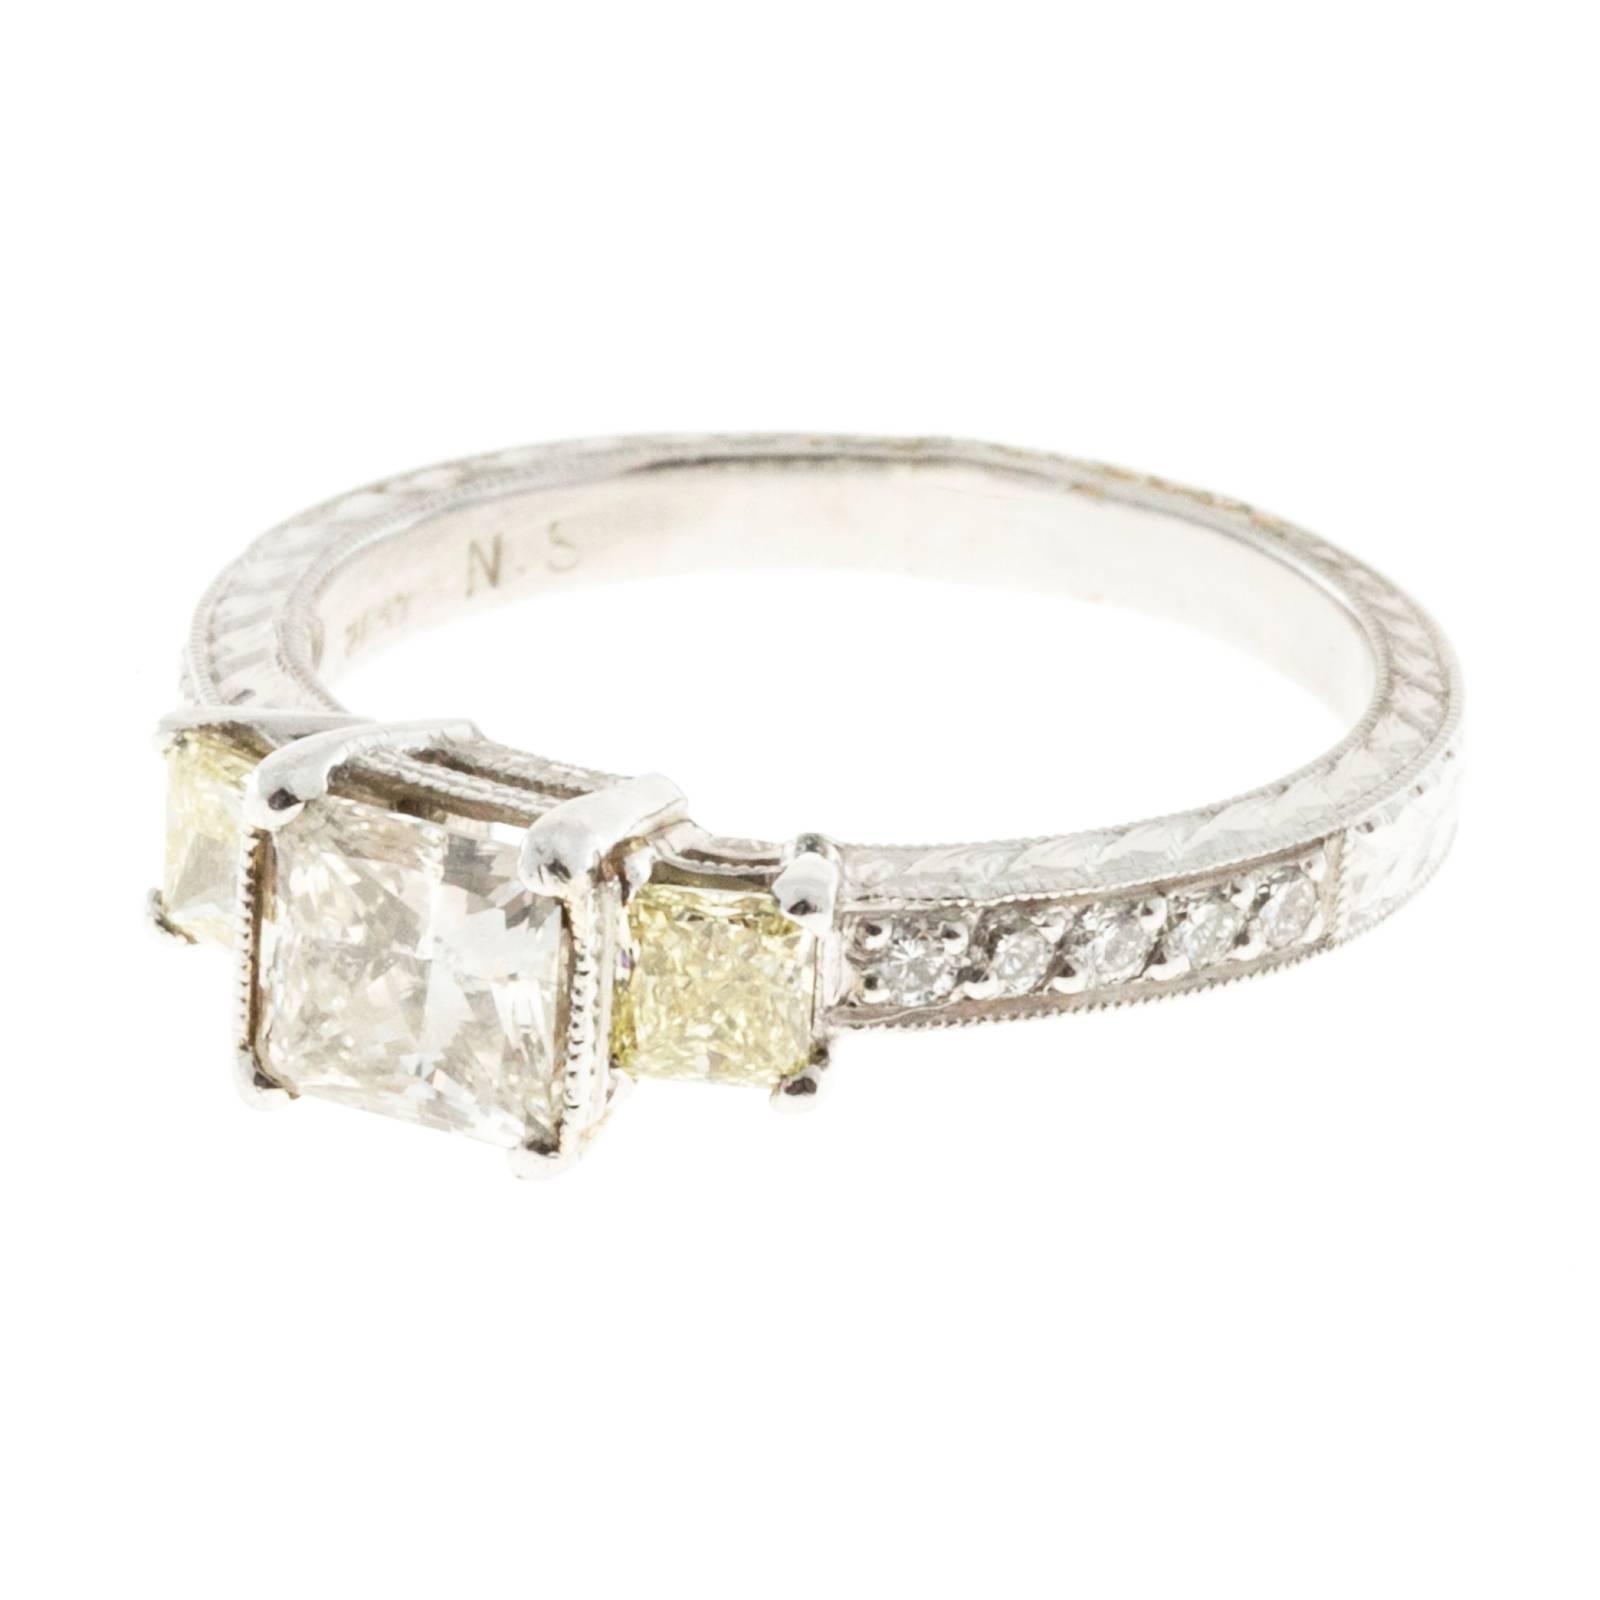 Radiant Cut Diamond Platinum Engagement Ring